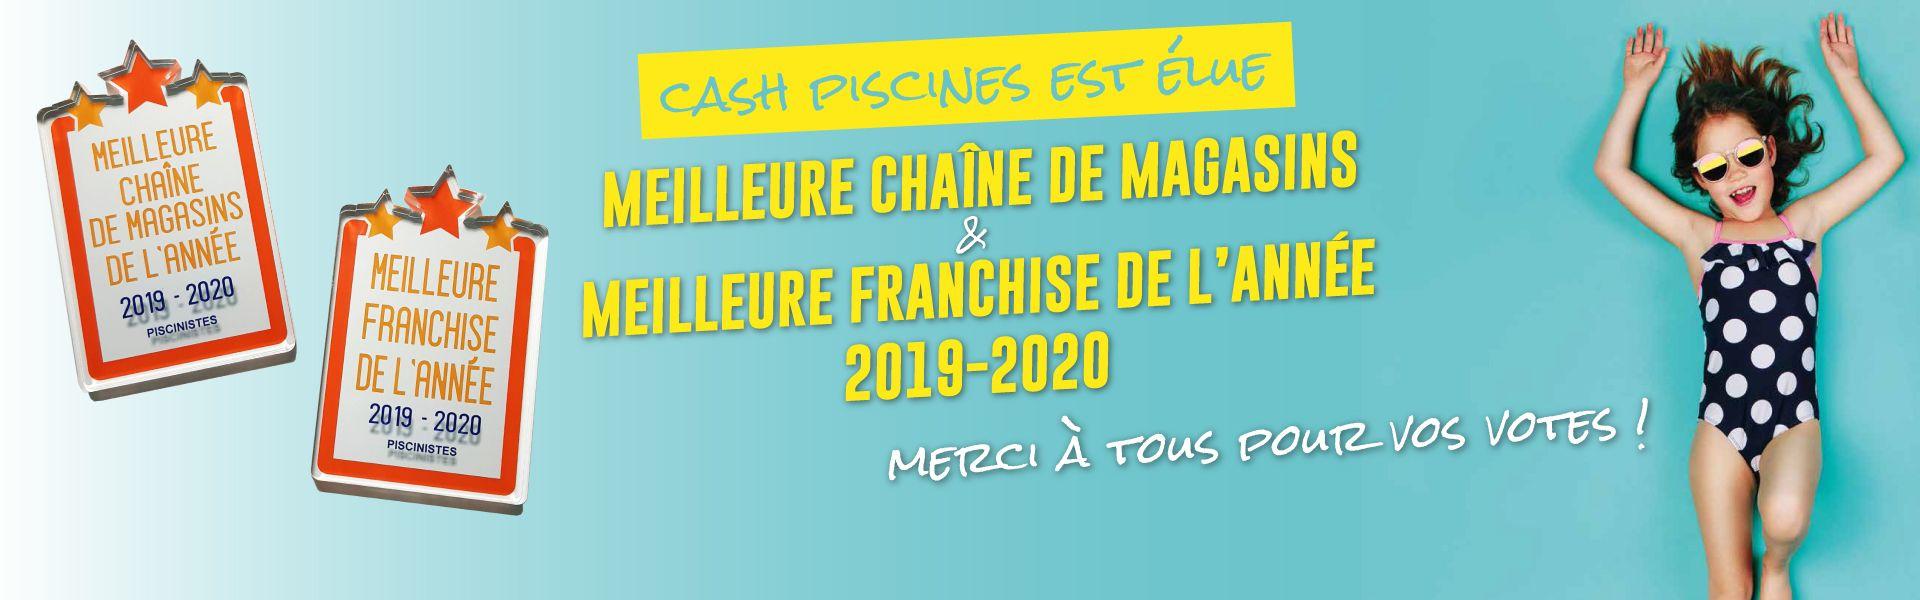 Cash Piscines - Tout Pour La Piscine & Spas Gonflables ... avec Cash Piscine Lescar